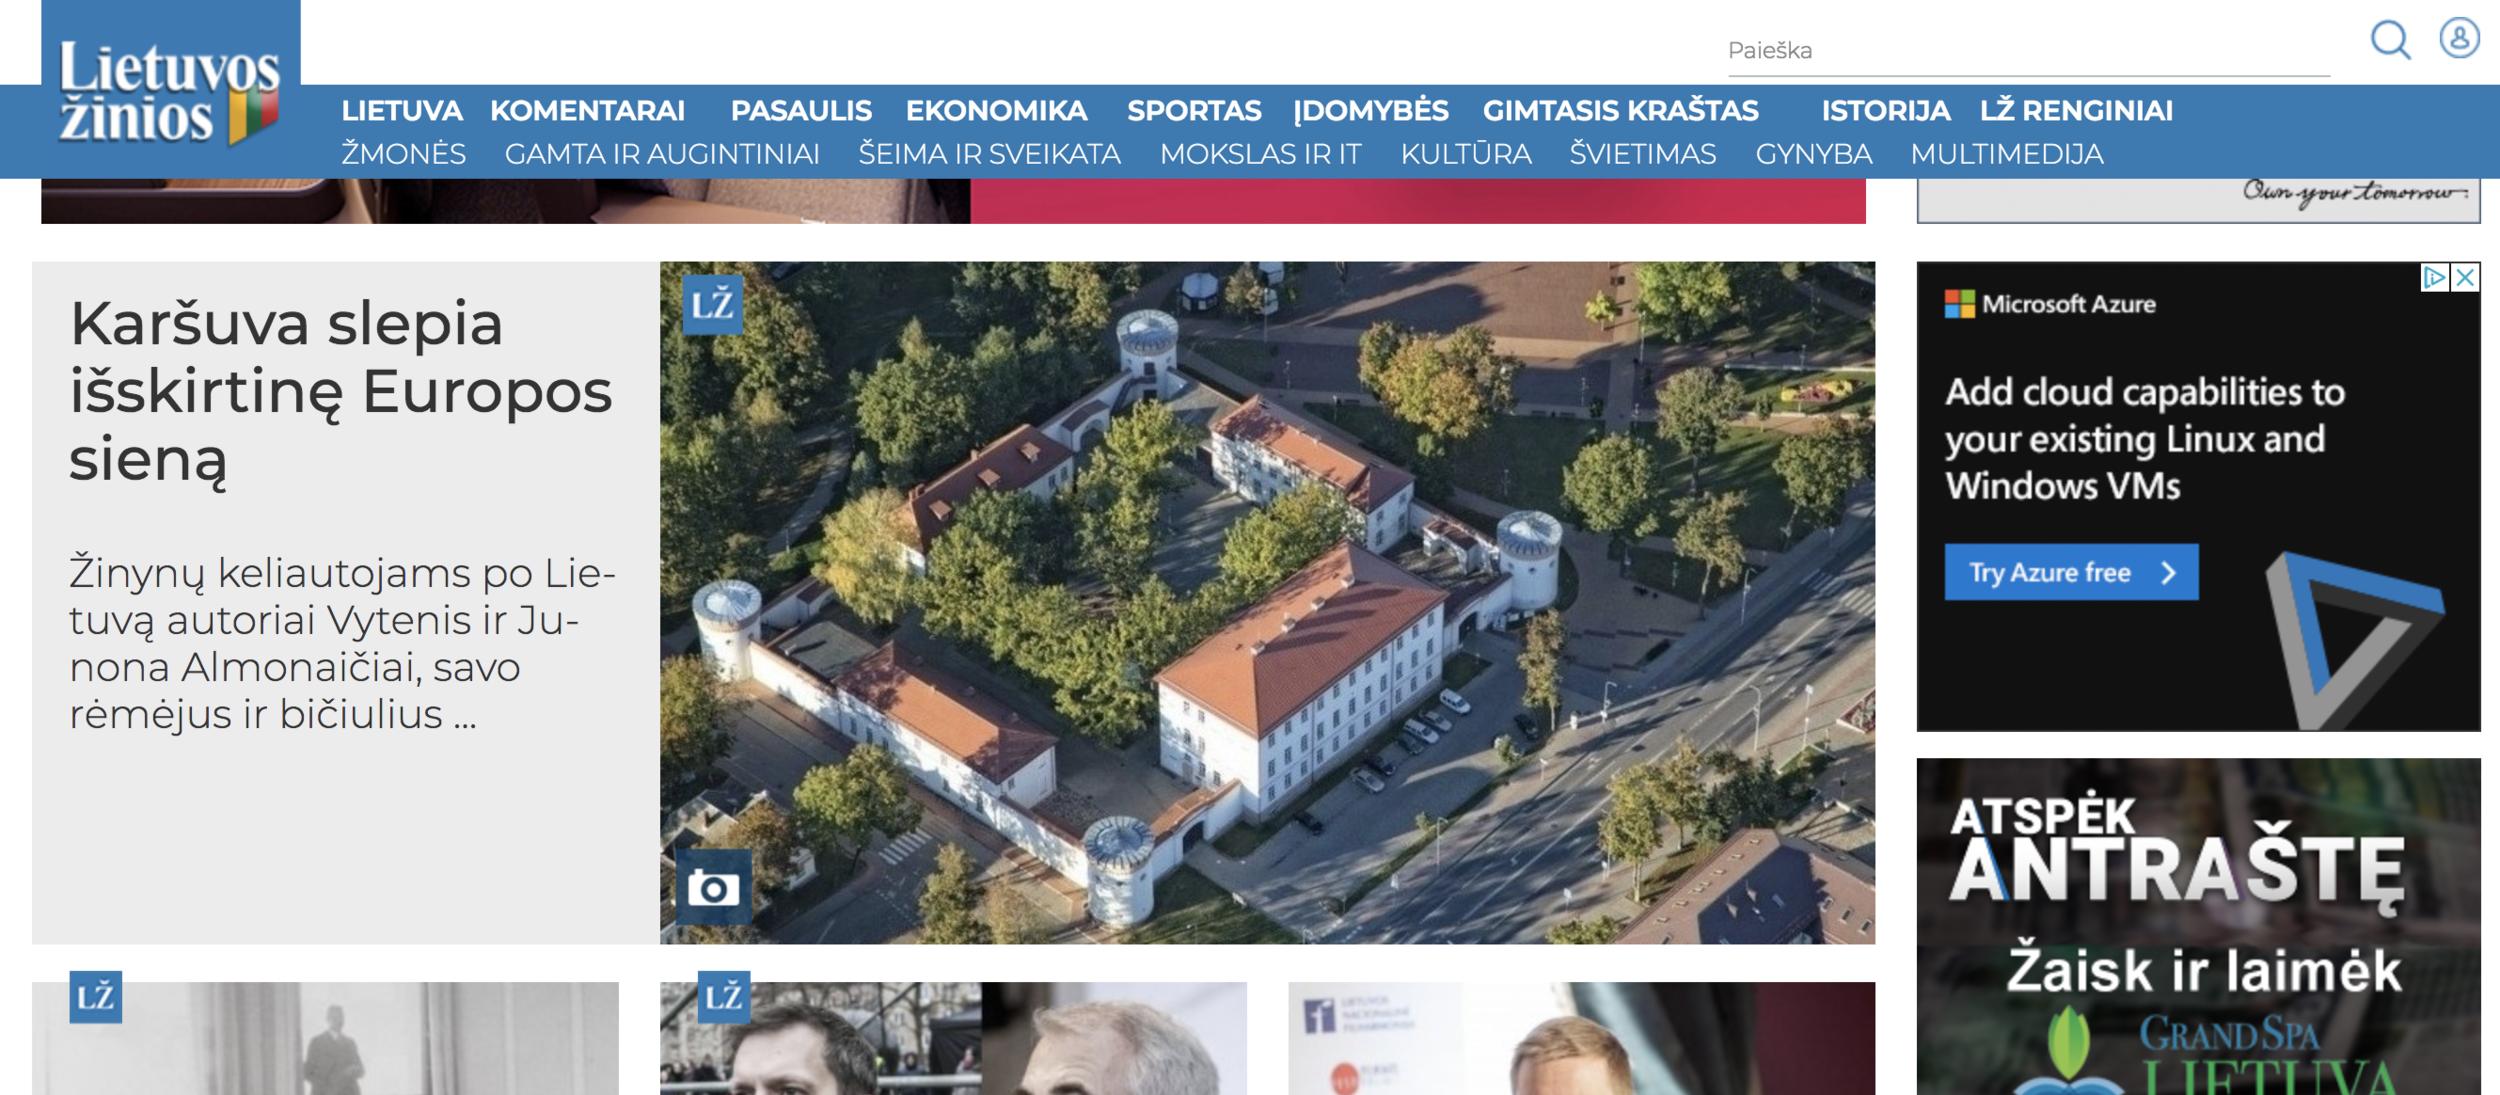 Lietuvos Zinios